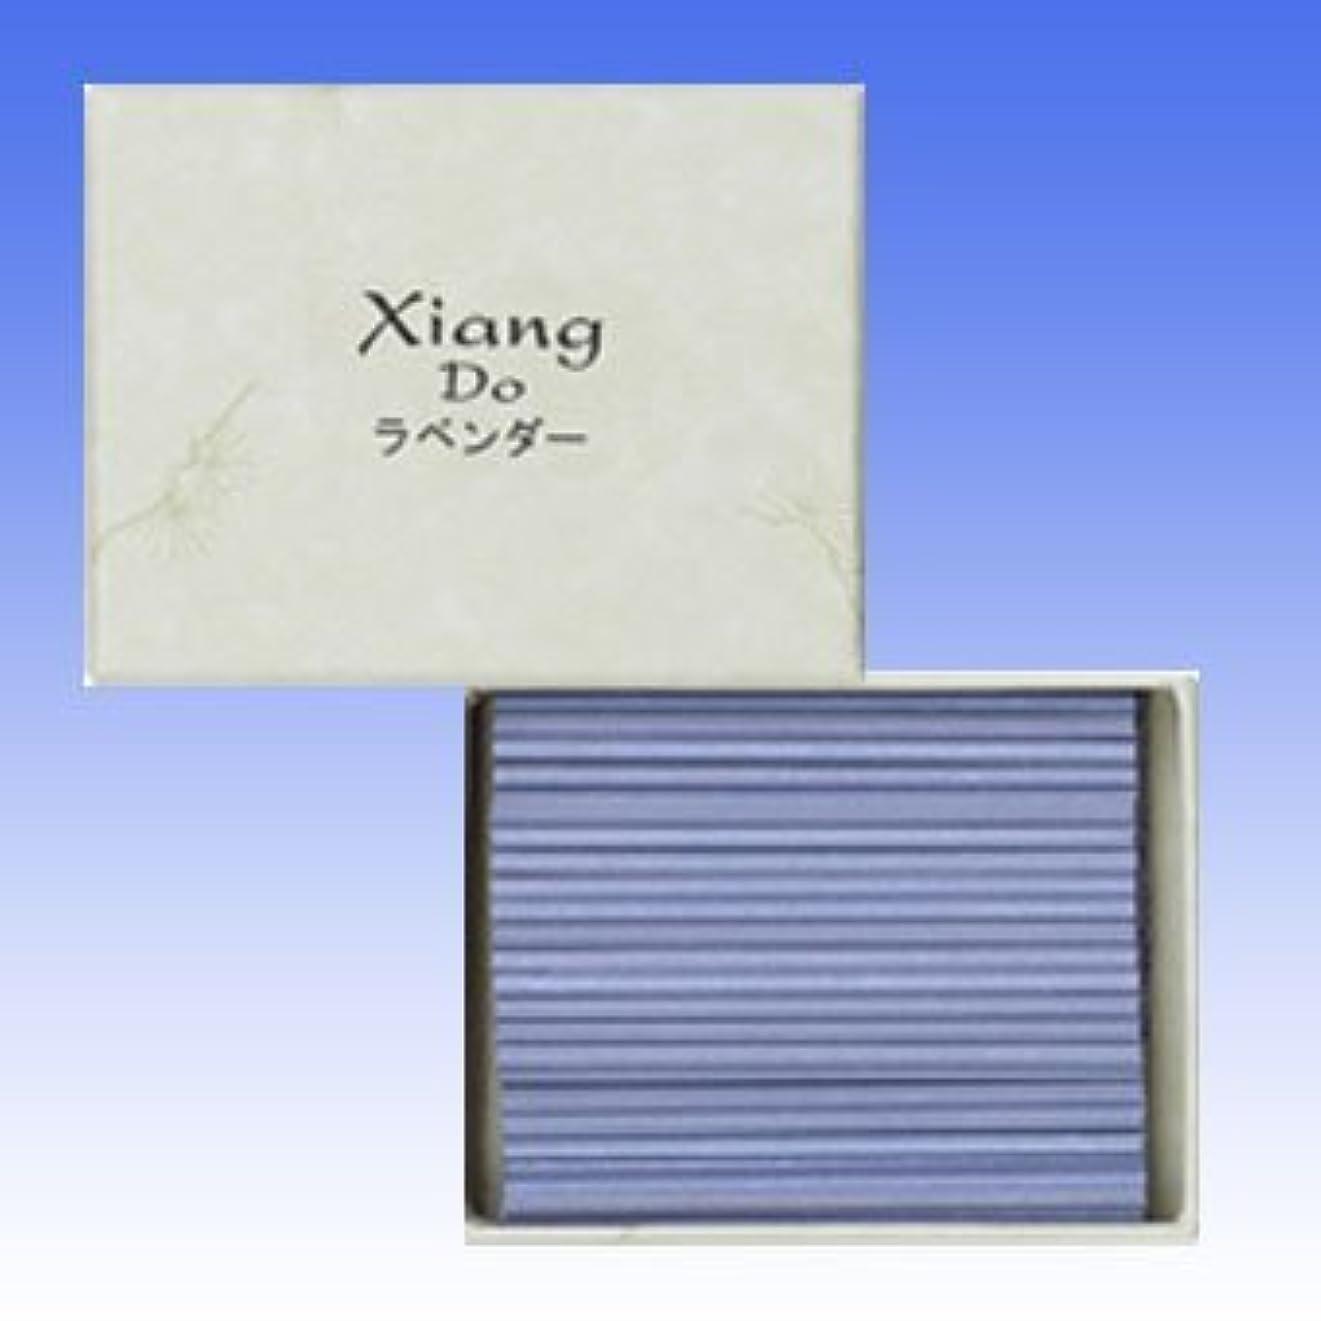 松栄堂 Xiang Do(シァン ドゥ) 徳用120本入 (ラベンダー)